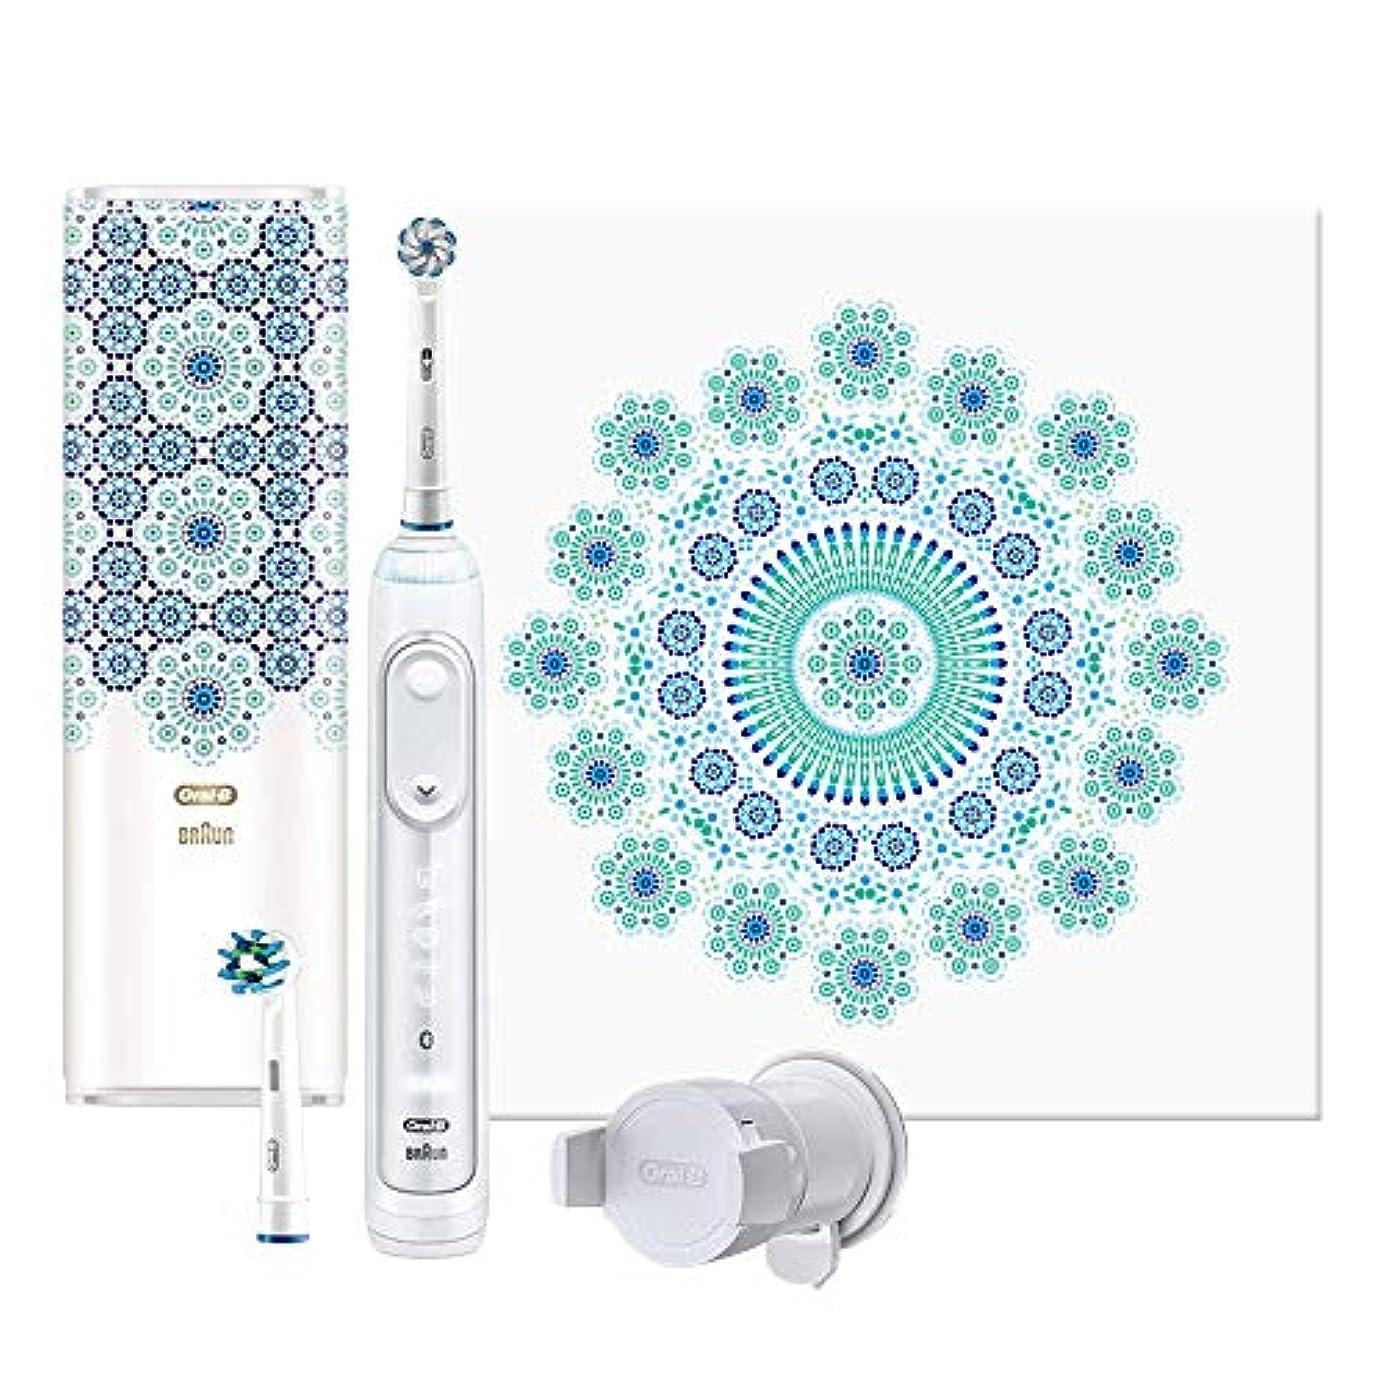 感染するアナログ高尚なブラウン オーラルB 電動歯ブラシ ジーニアス9000 モロッコデザイン アプリ連動 ポジション検知  D7015256XCTMC